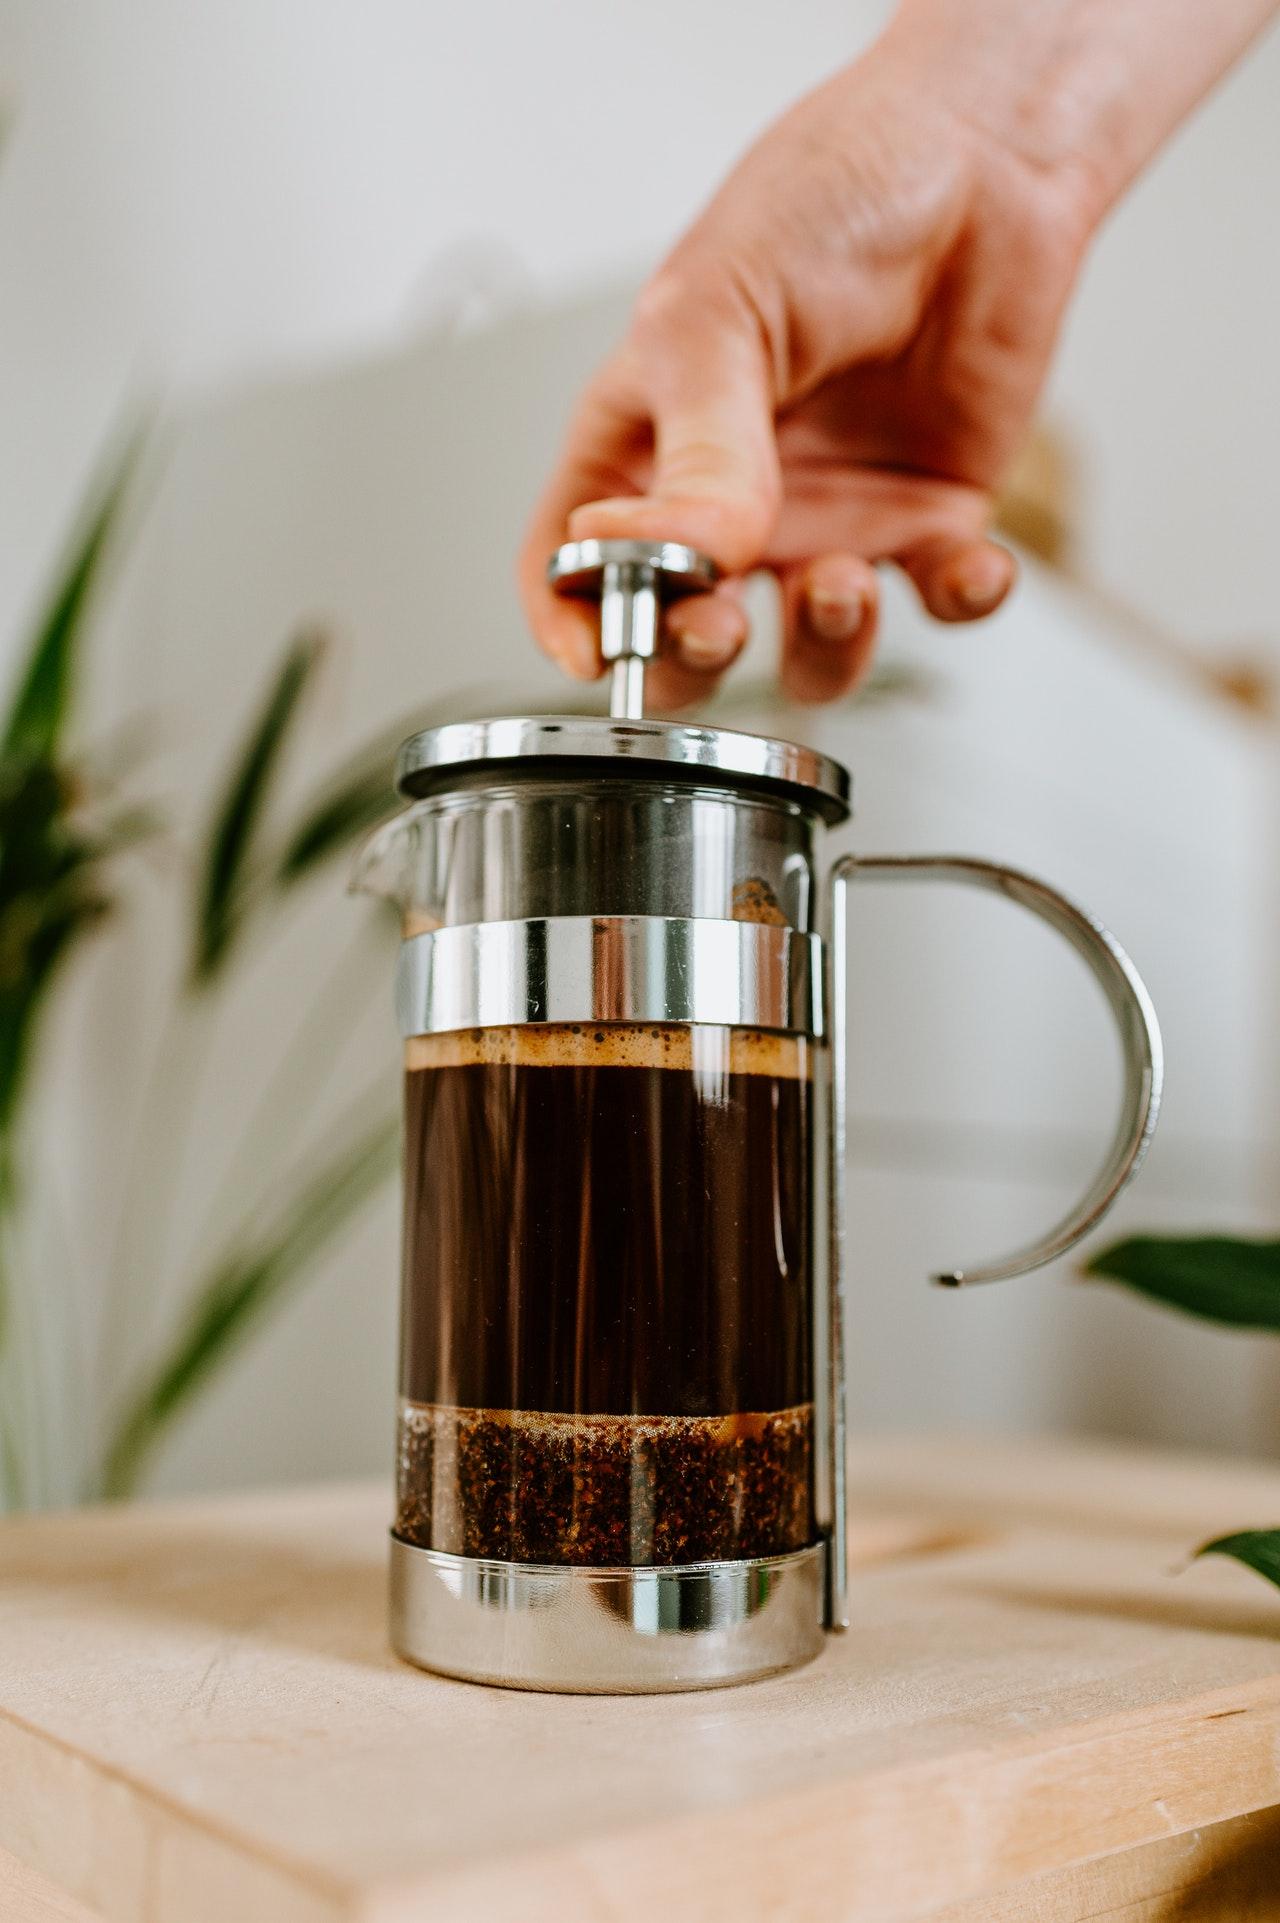 Der Kaffee Zubereiter wurde Mitte des 19. Jahrhunderts in Frankreich entwickelt und bis zu seiner heutigen Form kontinuierlich verbessert.